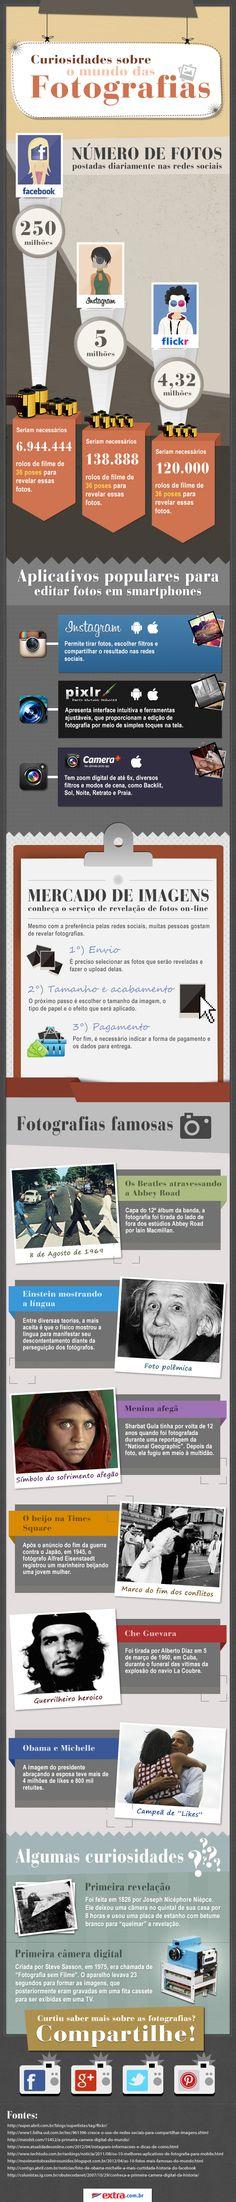 Infográfico: Curiosidades sobre o Mundo das Fotografias